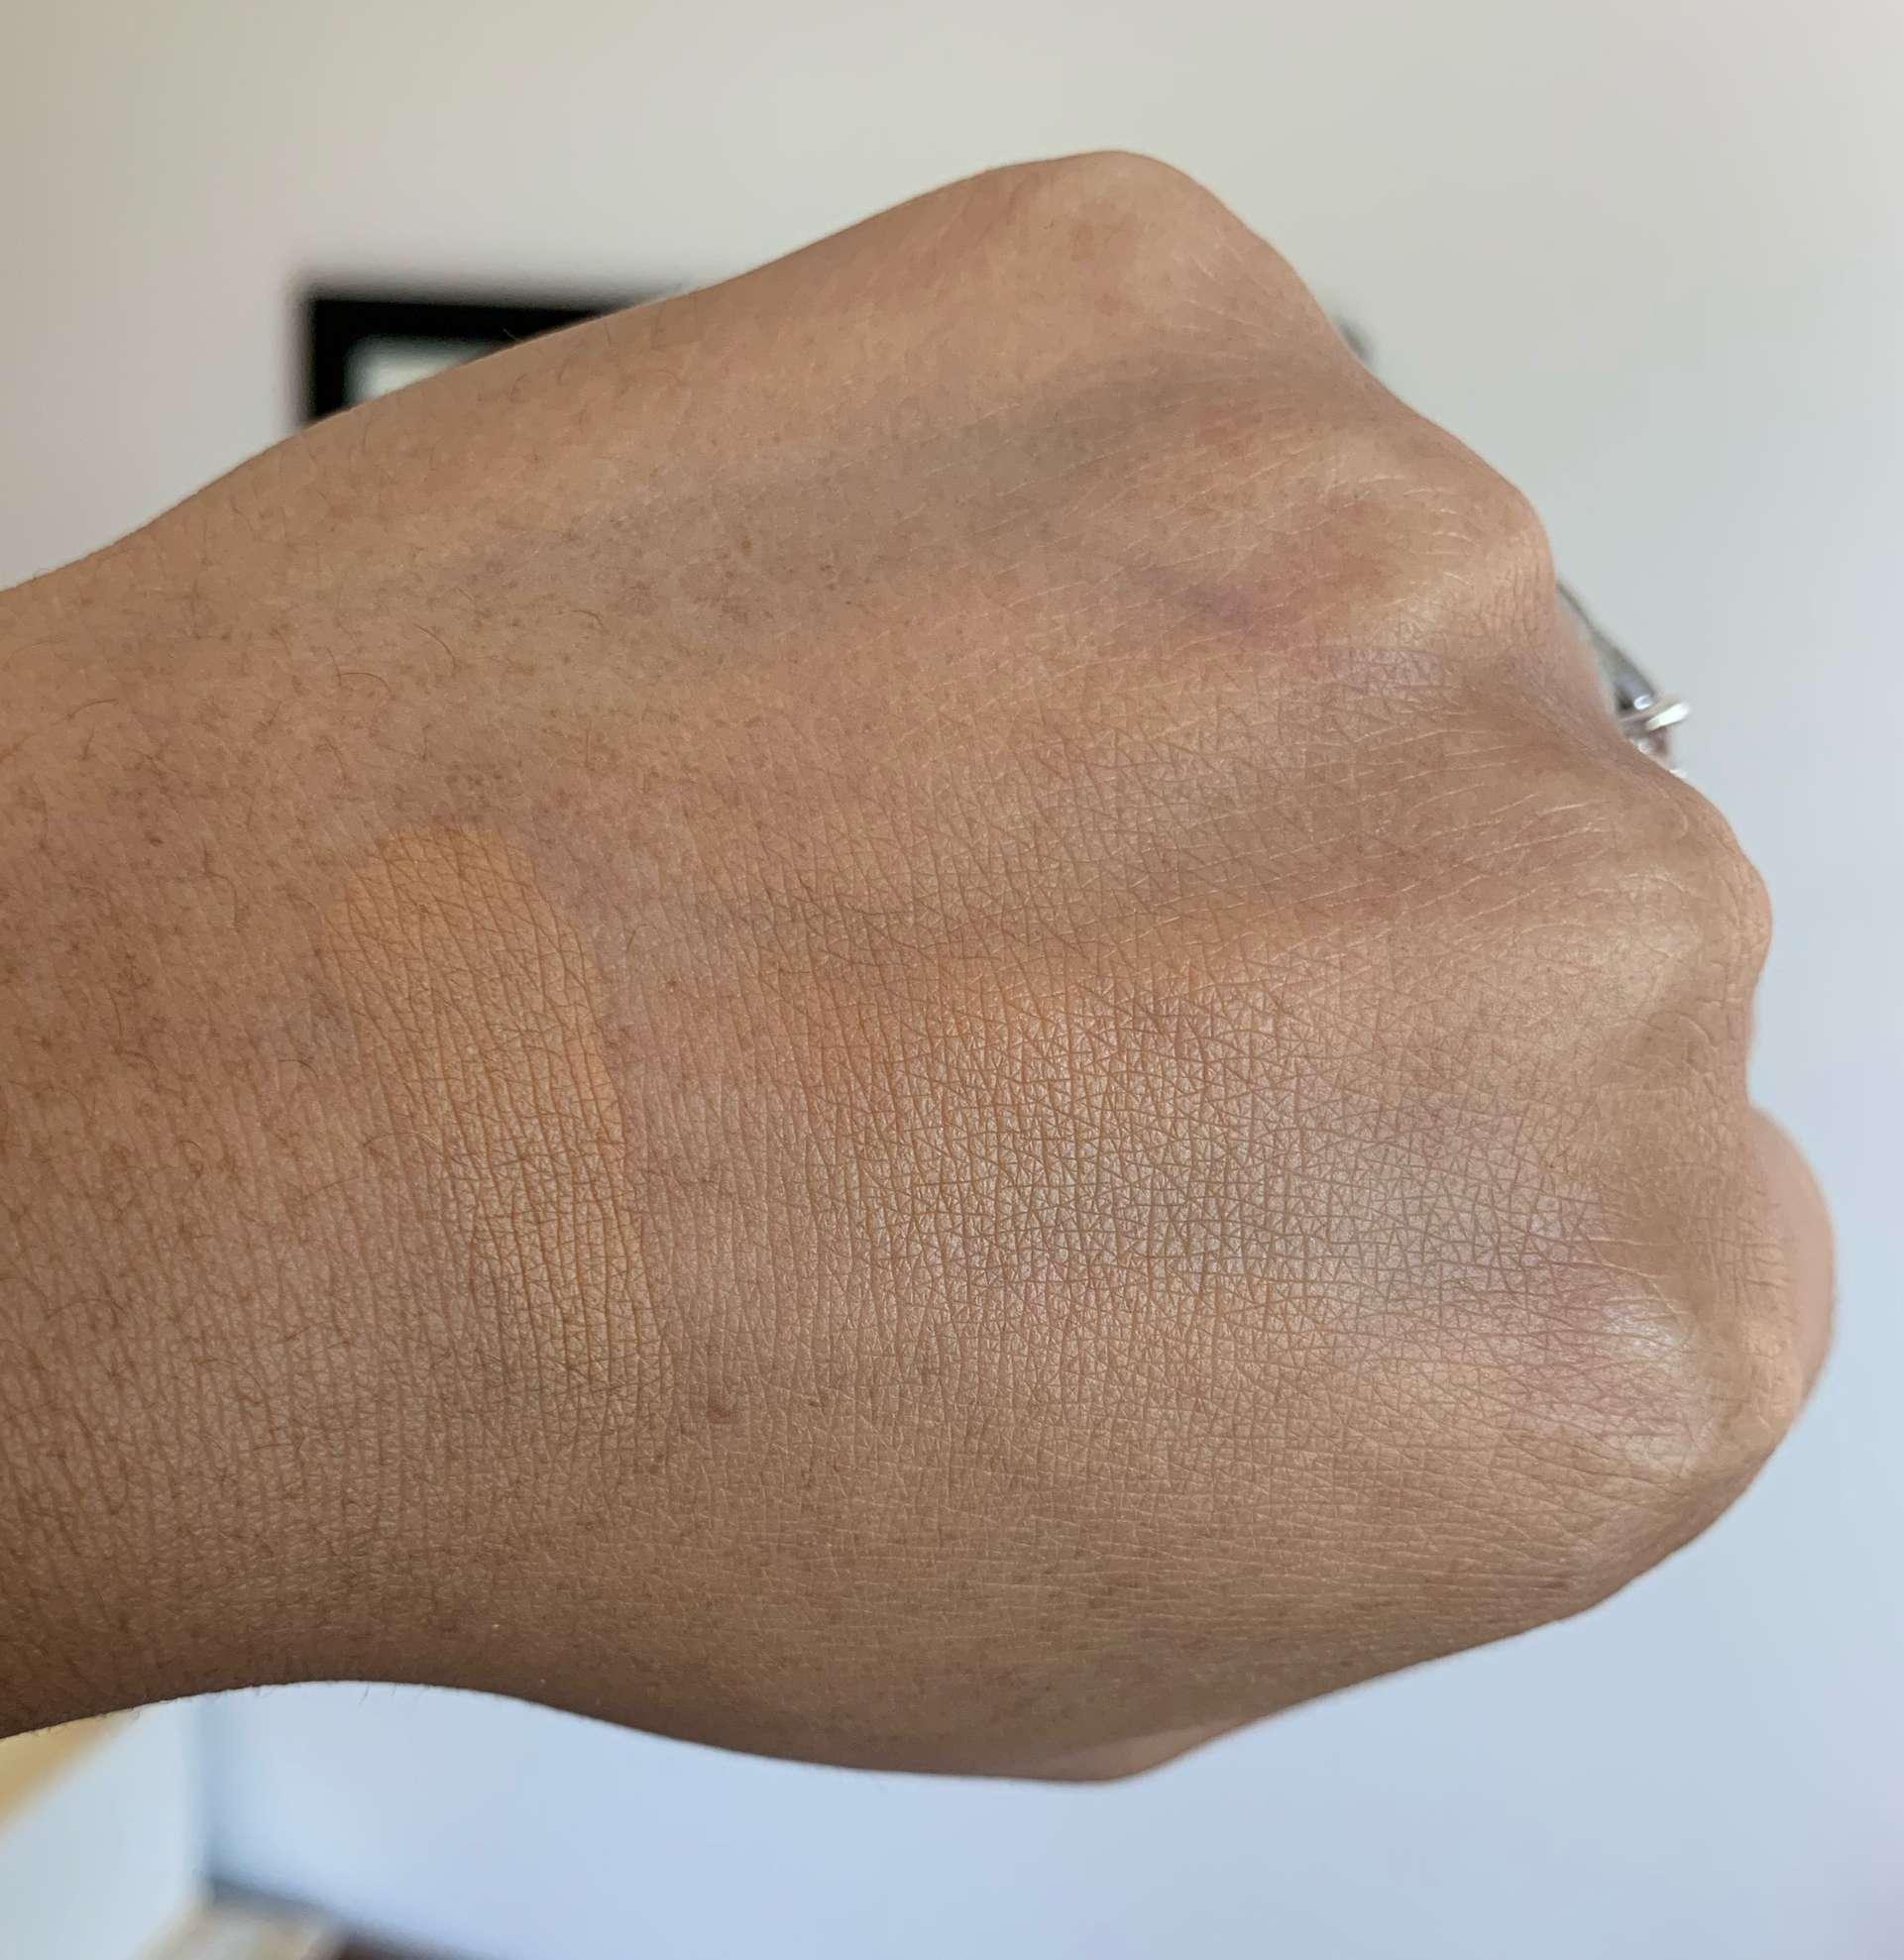 L'oreal Age Perfect Creamy Powder Foundation 340 Caramel Beige Swatch on Medium Dark Skin